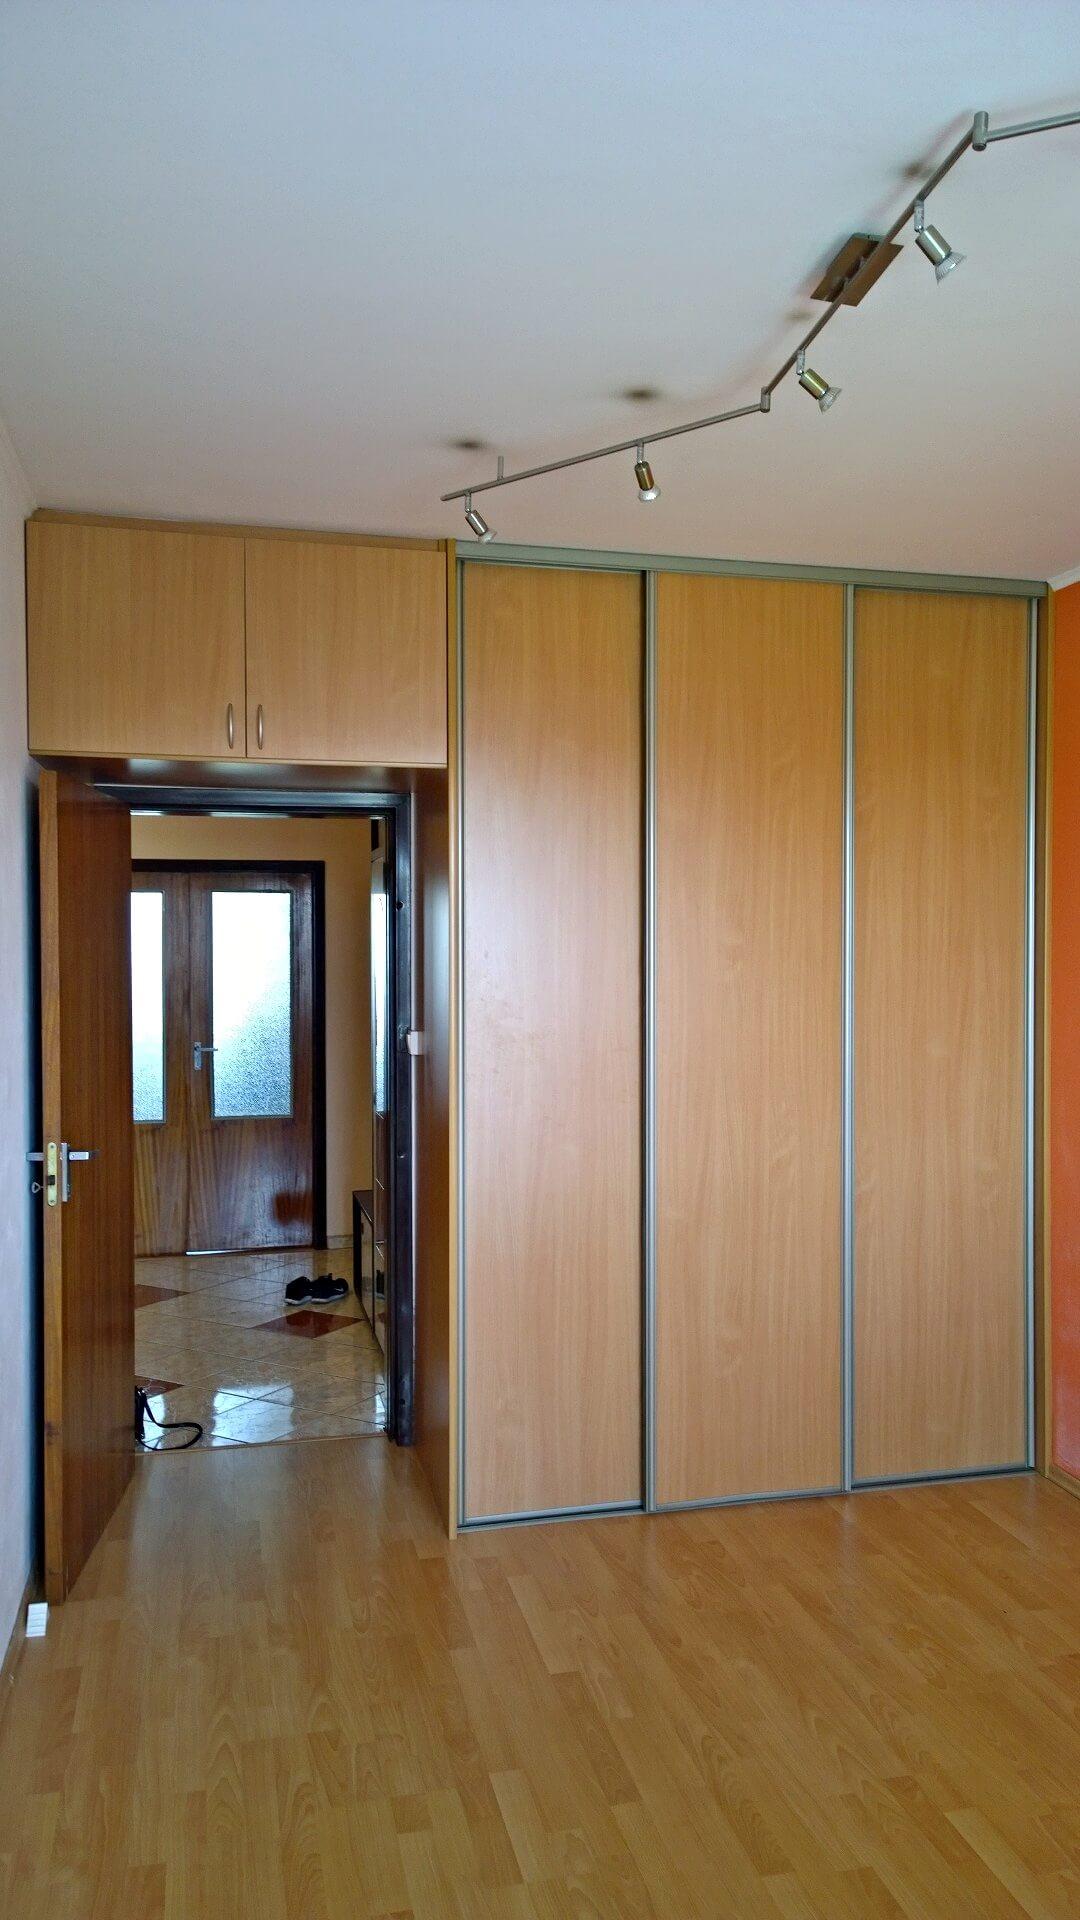 Predané-  zrekonštruovaný zariadený 4 izbový byt v príjemnej lokalite Petržalky na Holíčskej-8